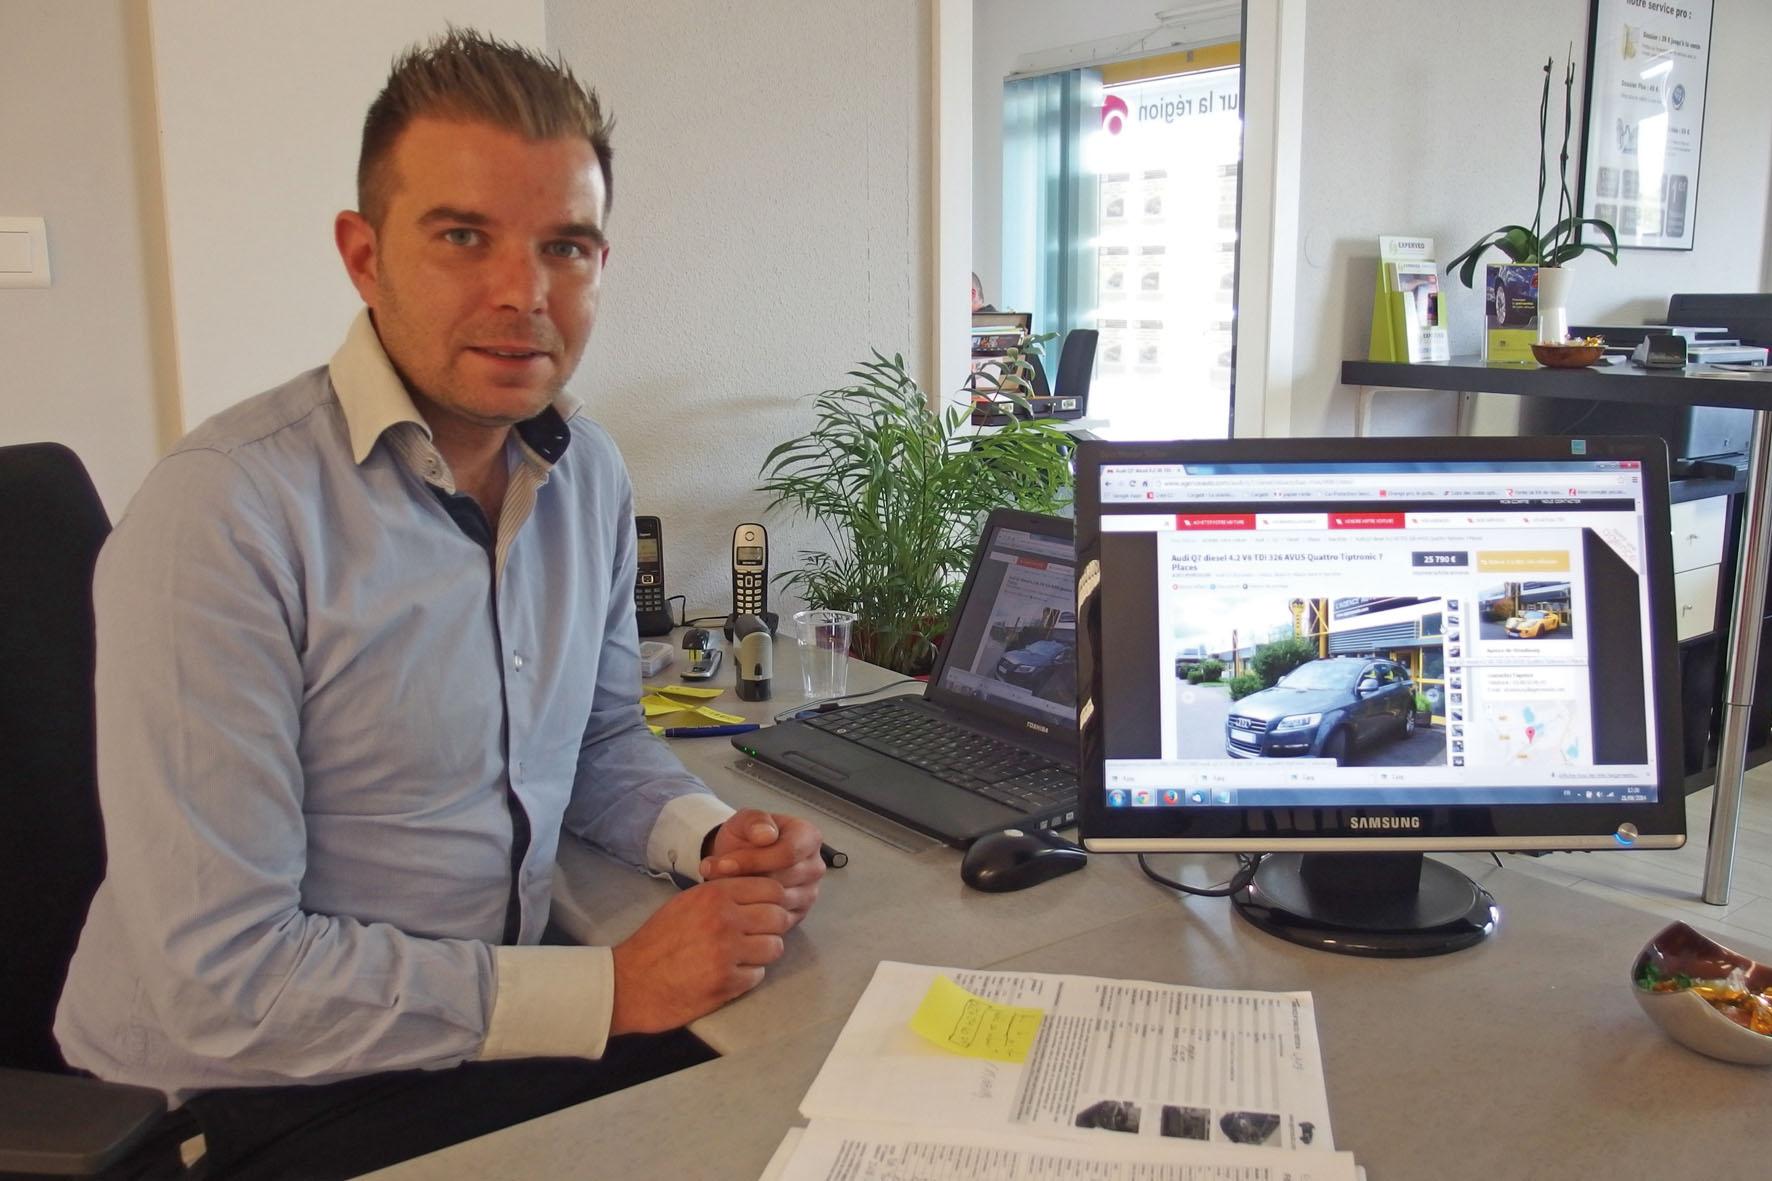 VousFinancer.com et NousAssurons.com s'implantent en Guadeloupe